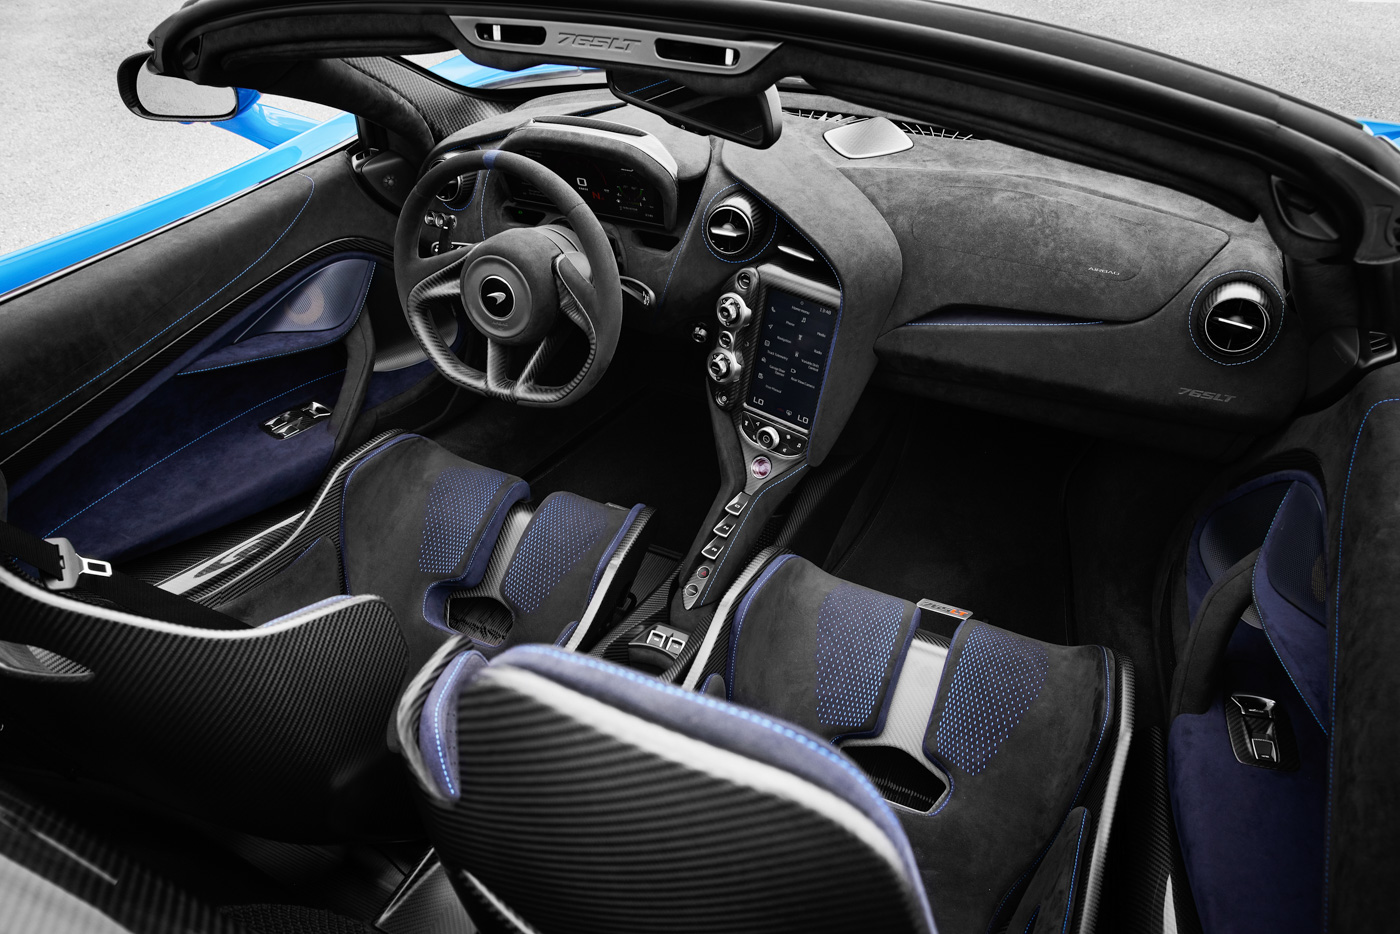 McLaren-765-LT-Spider-siêu-xe-mui-trần-hiệu-năng-cao-dẫn-đầu-phân-khúc-10.jpg